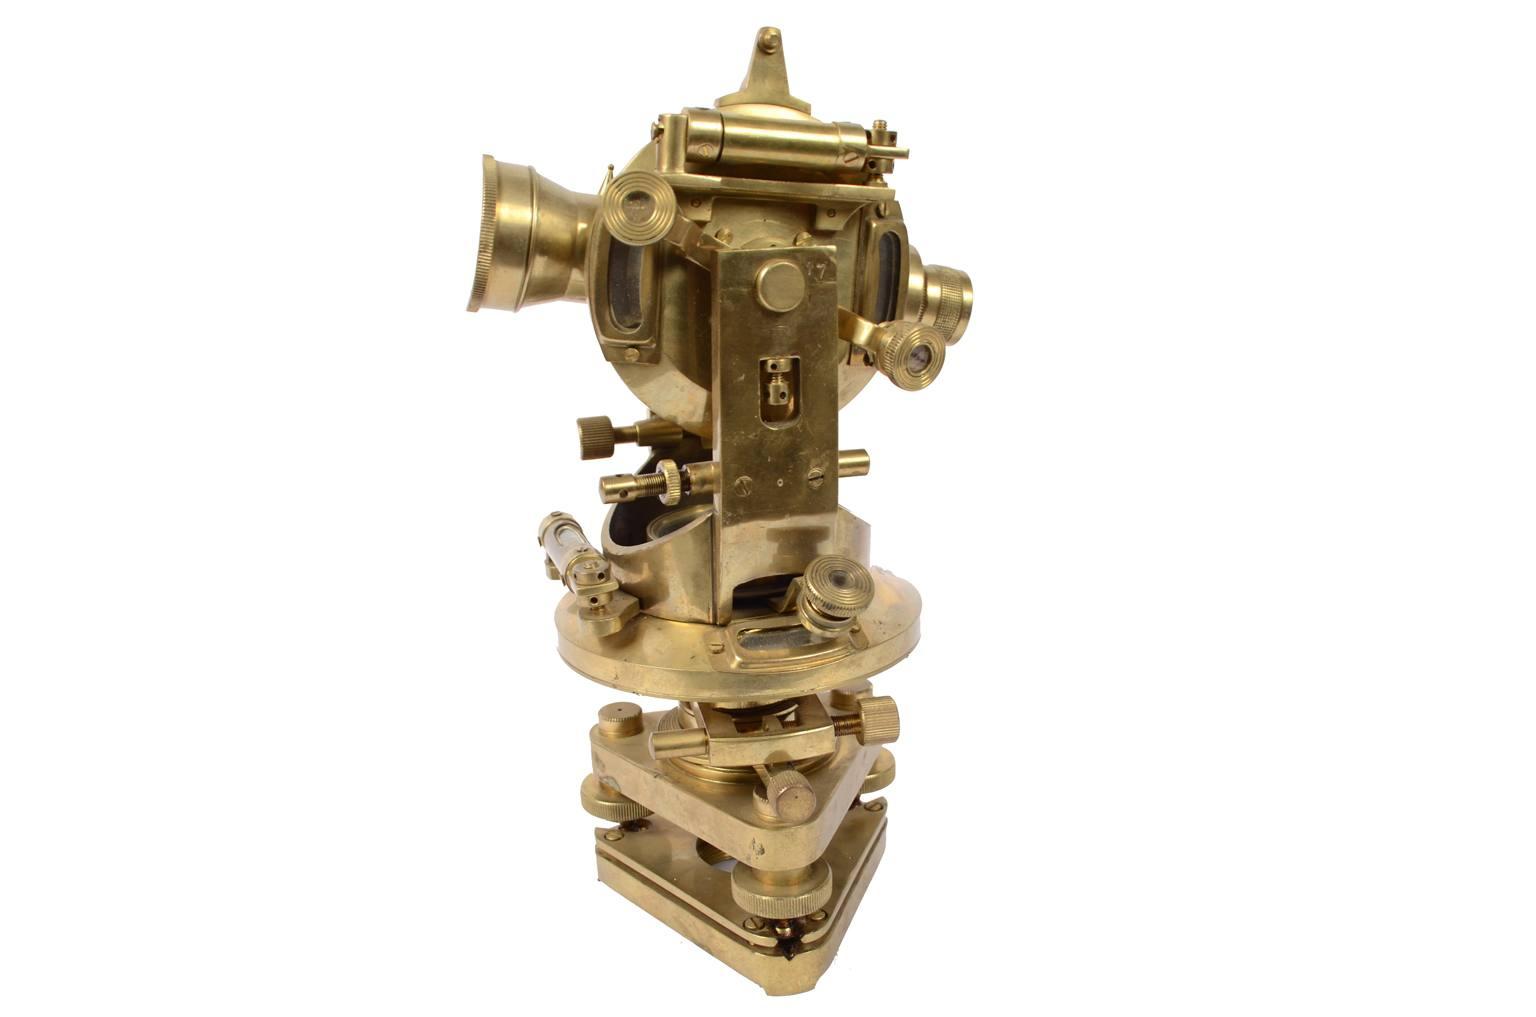 Strumenti di misura antichi/A64-Teodolite Stanley London